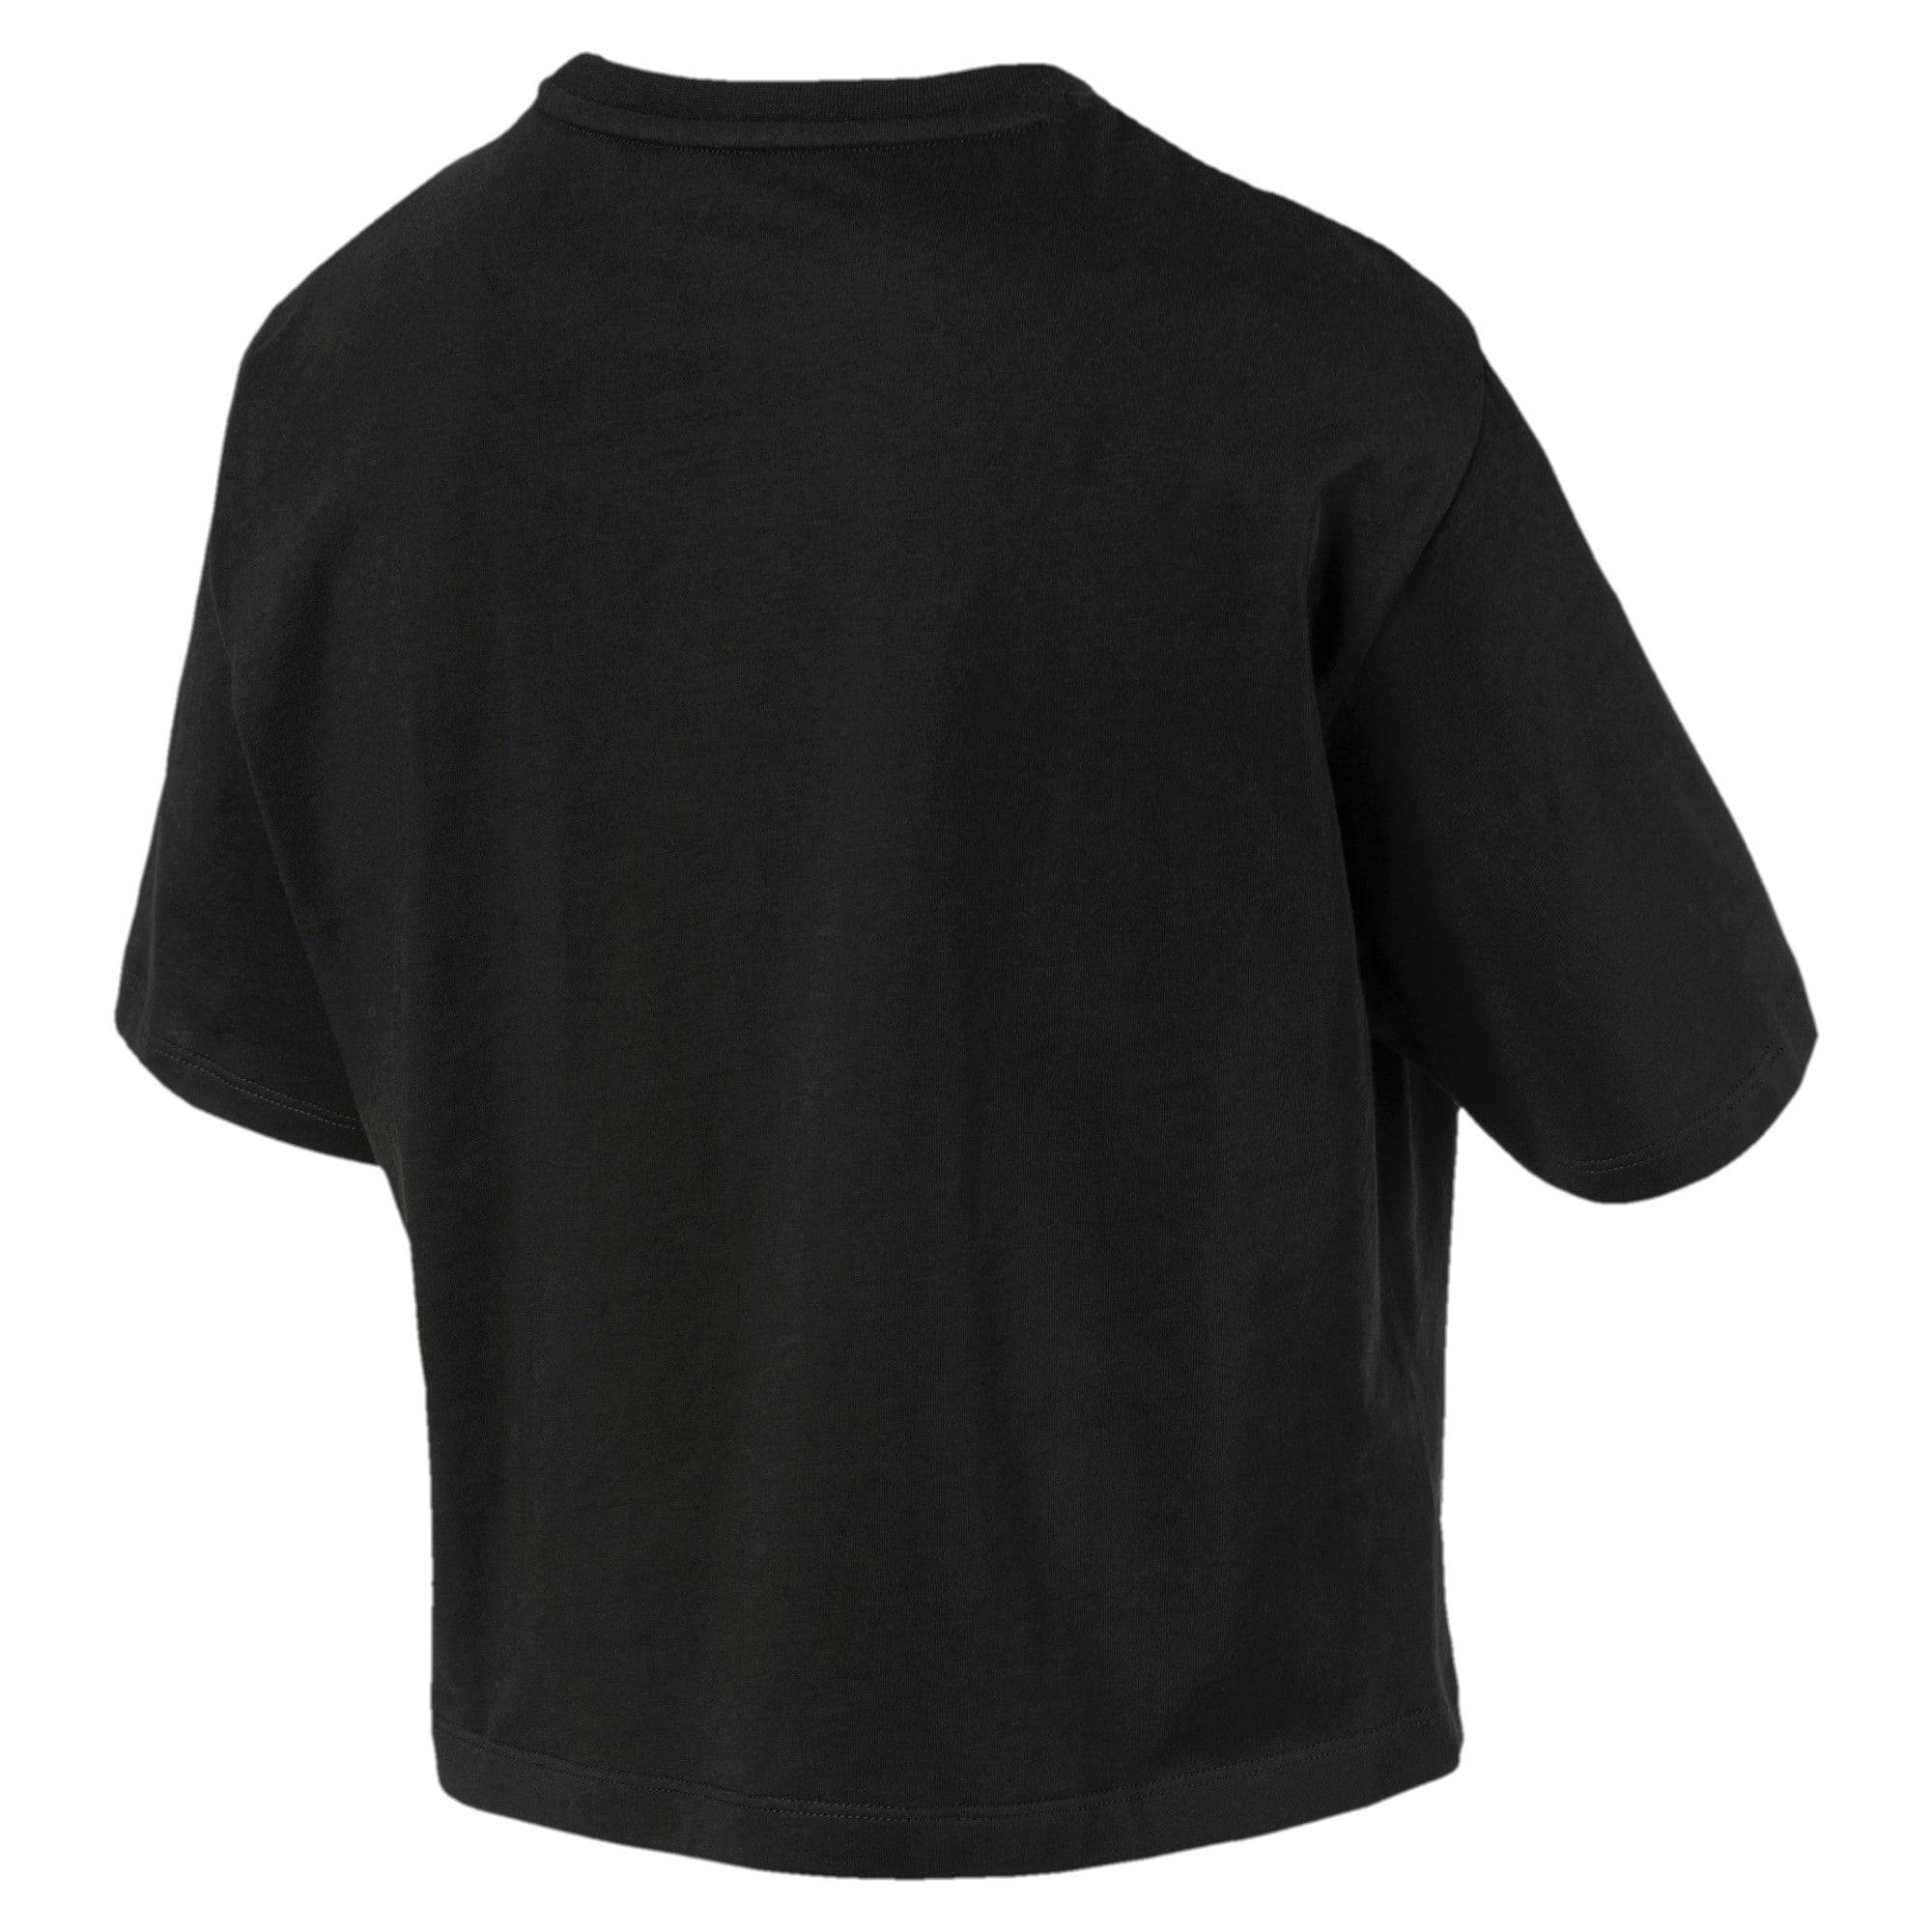 Miniatura 5 de Camiseta corta con logo para mujer, Puma Black, mediano